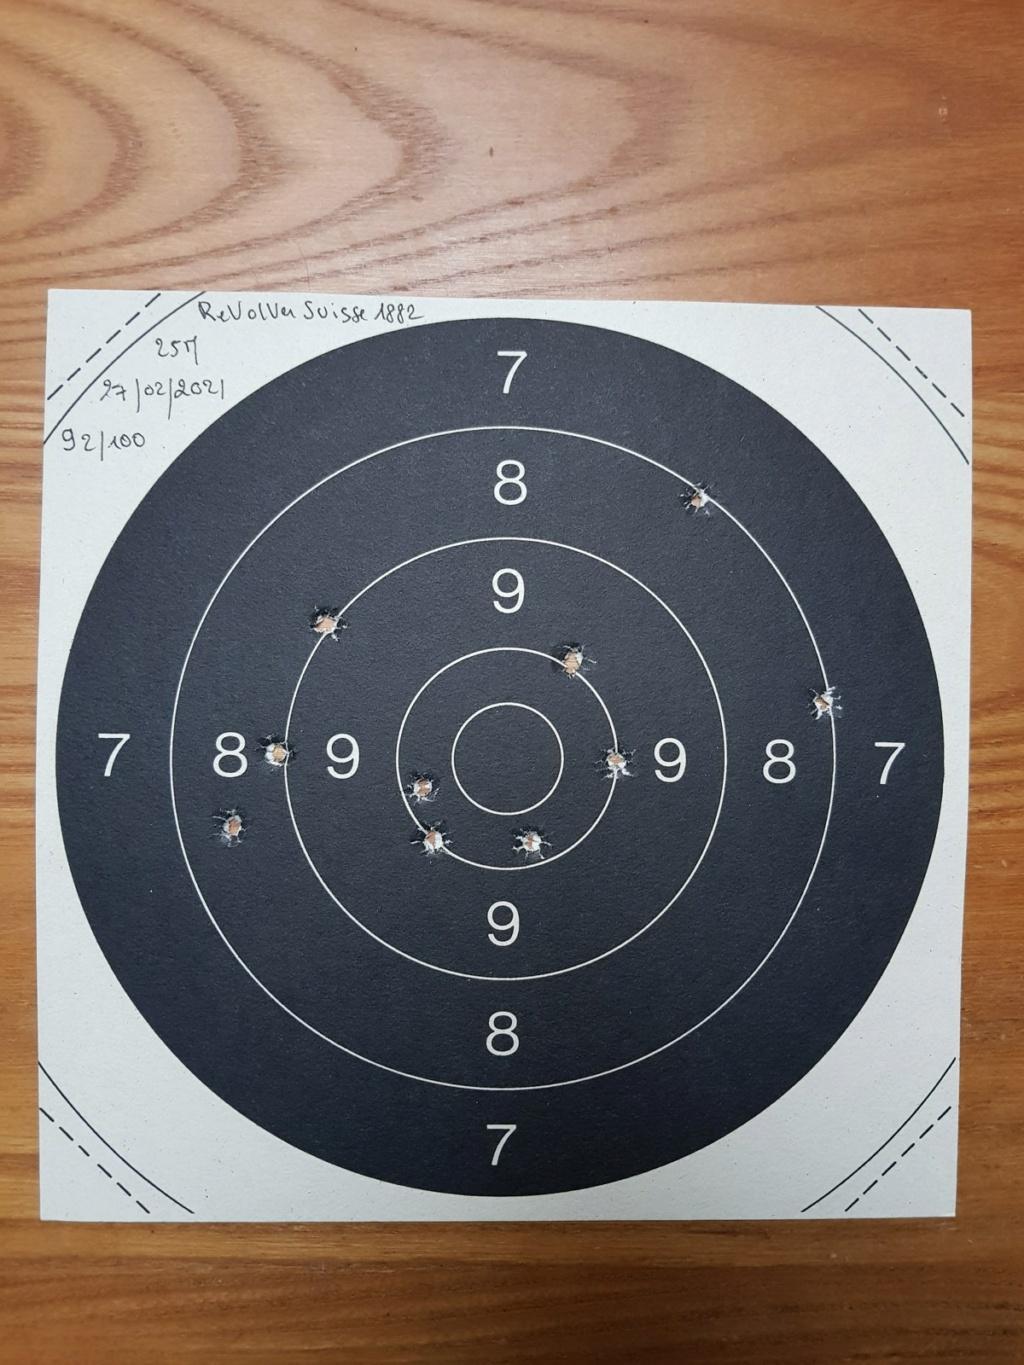 Rechargement du calibre 7,5 suisse revolver 1882 - Page 3 20210280